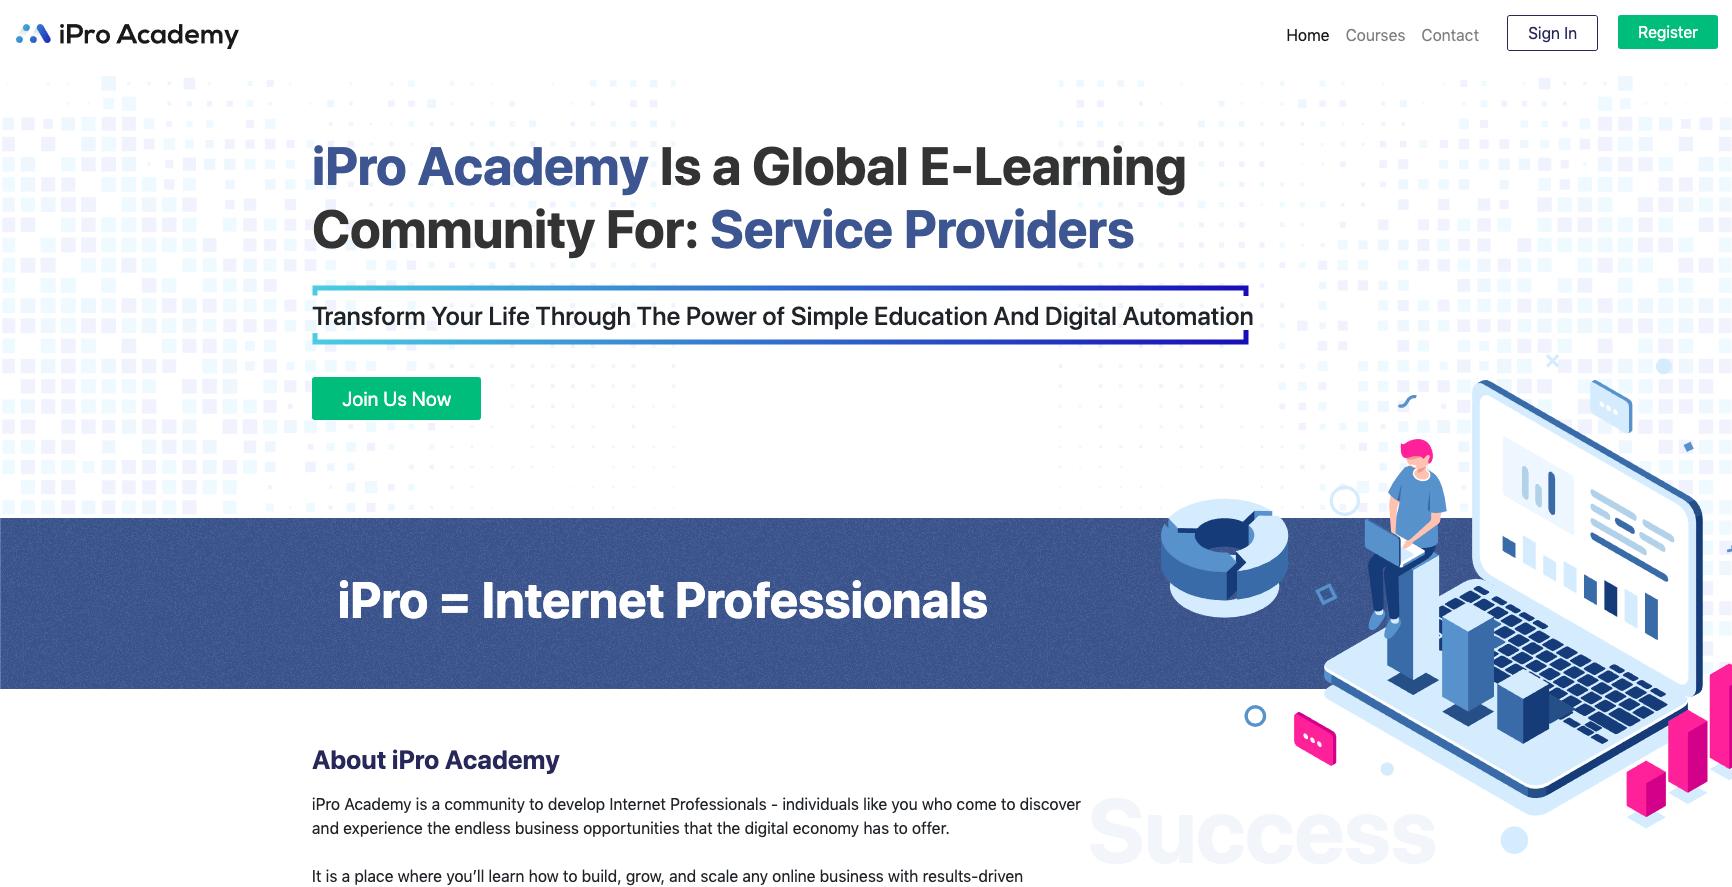 iPro Academy website